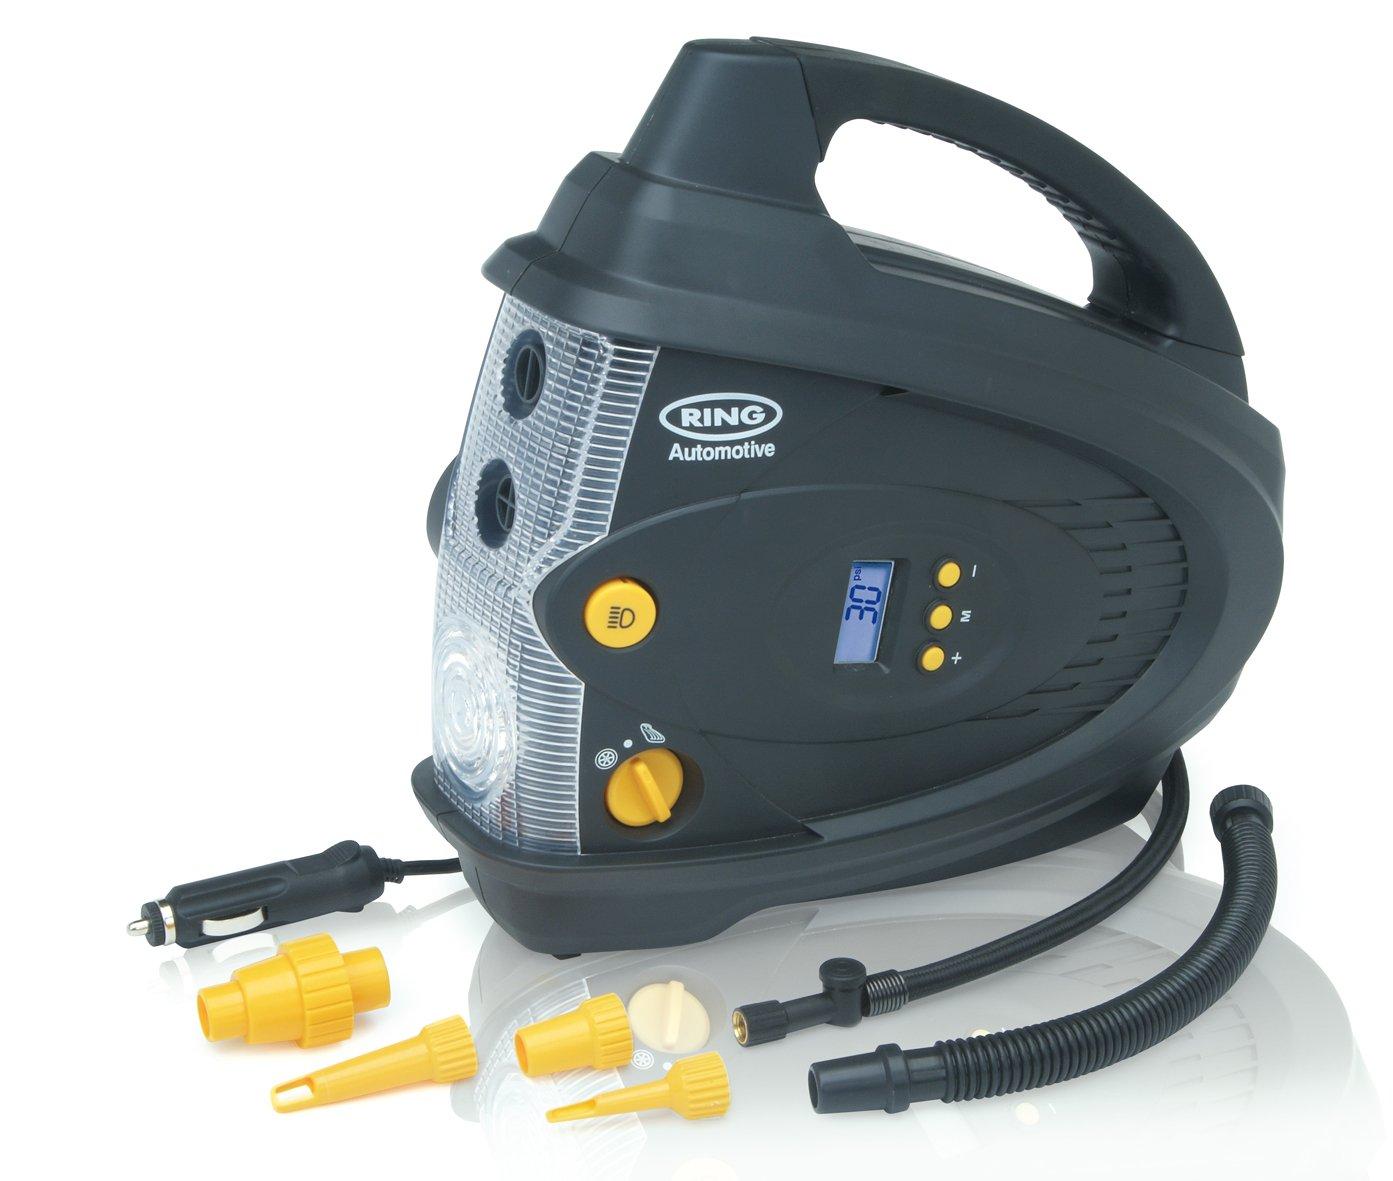 ring rac640 12v digital tyre inflator air compressor with. Black Bedroom Furniture Sets. Home Design Ideas